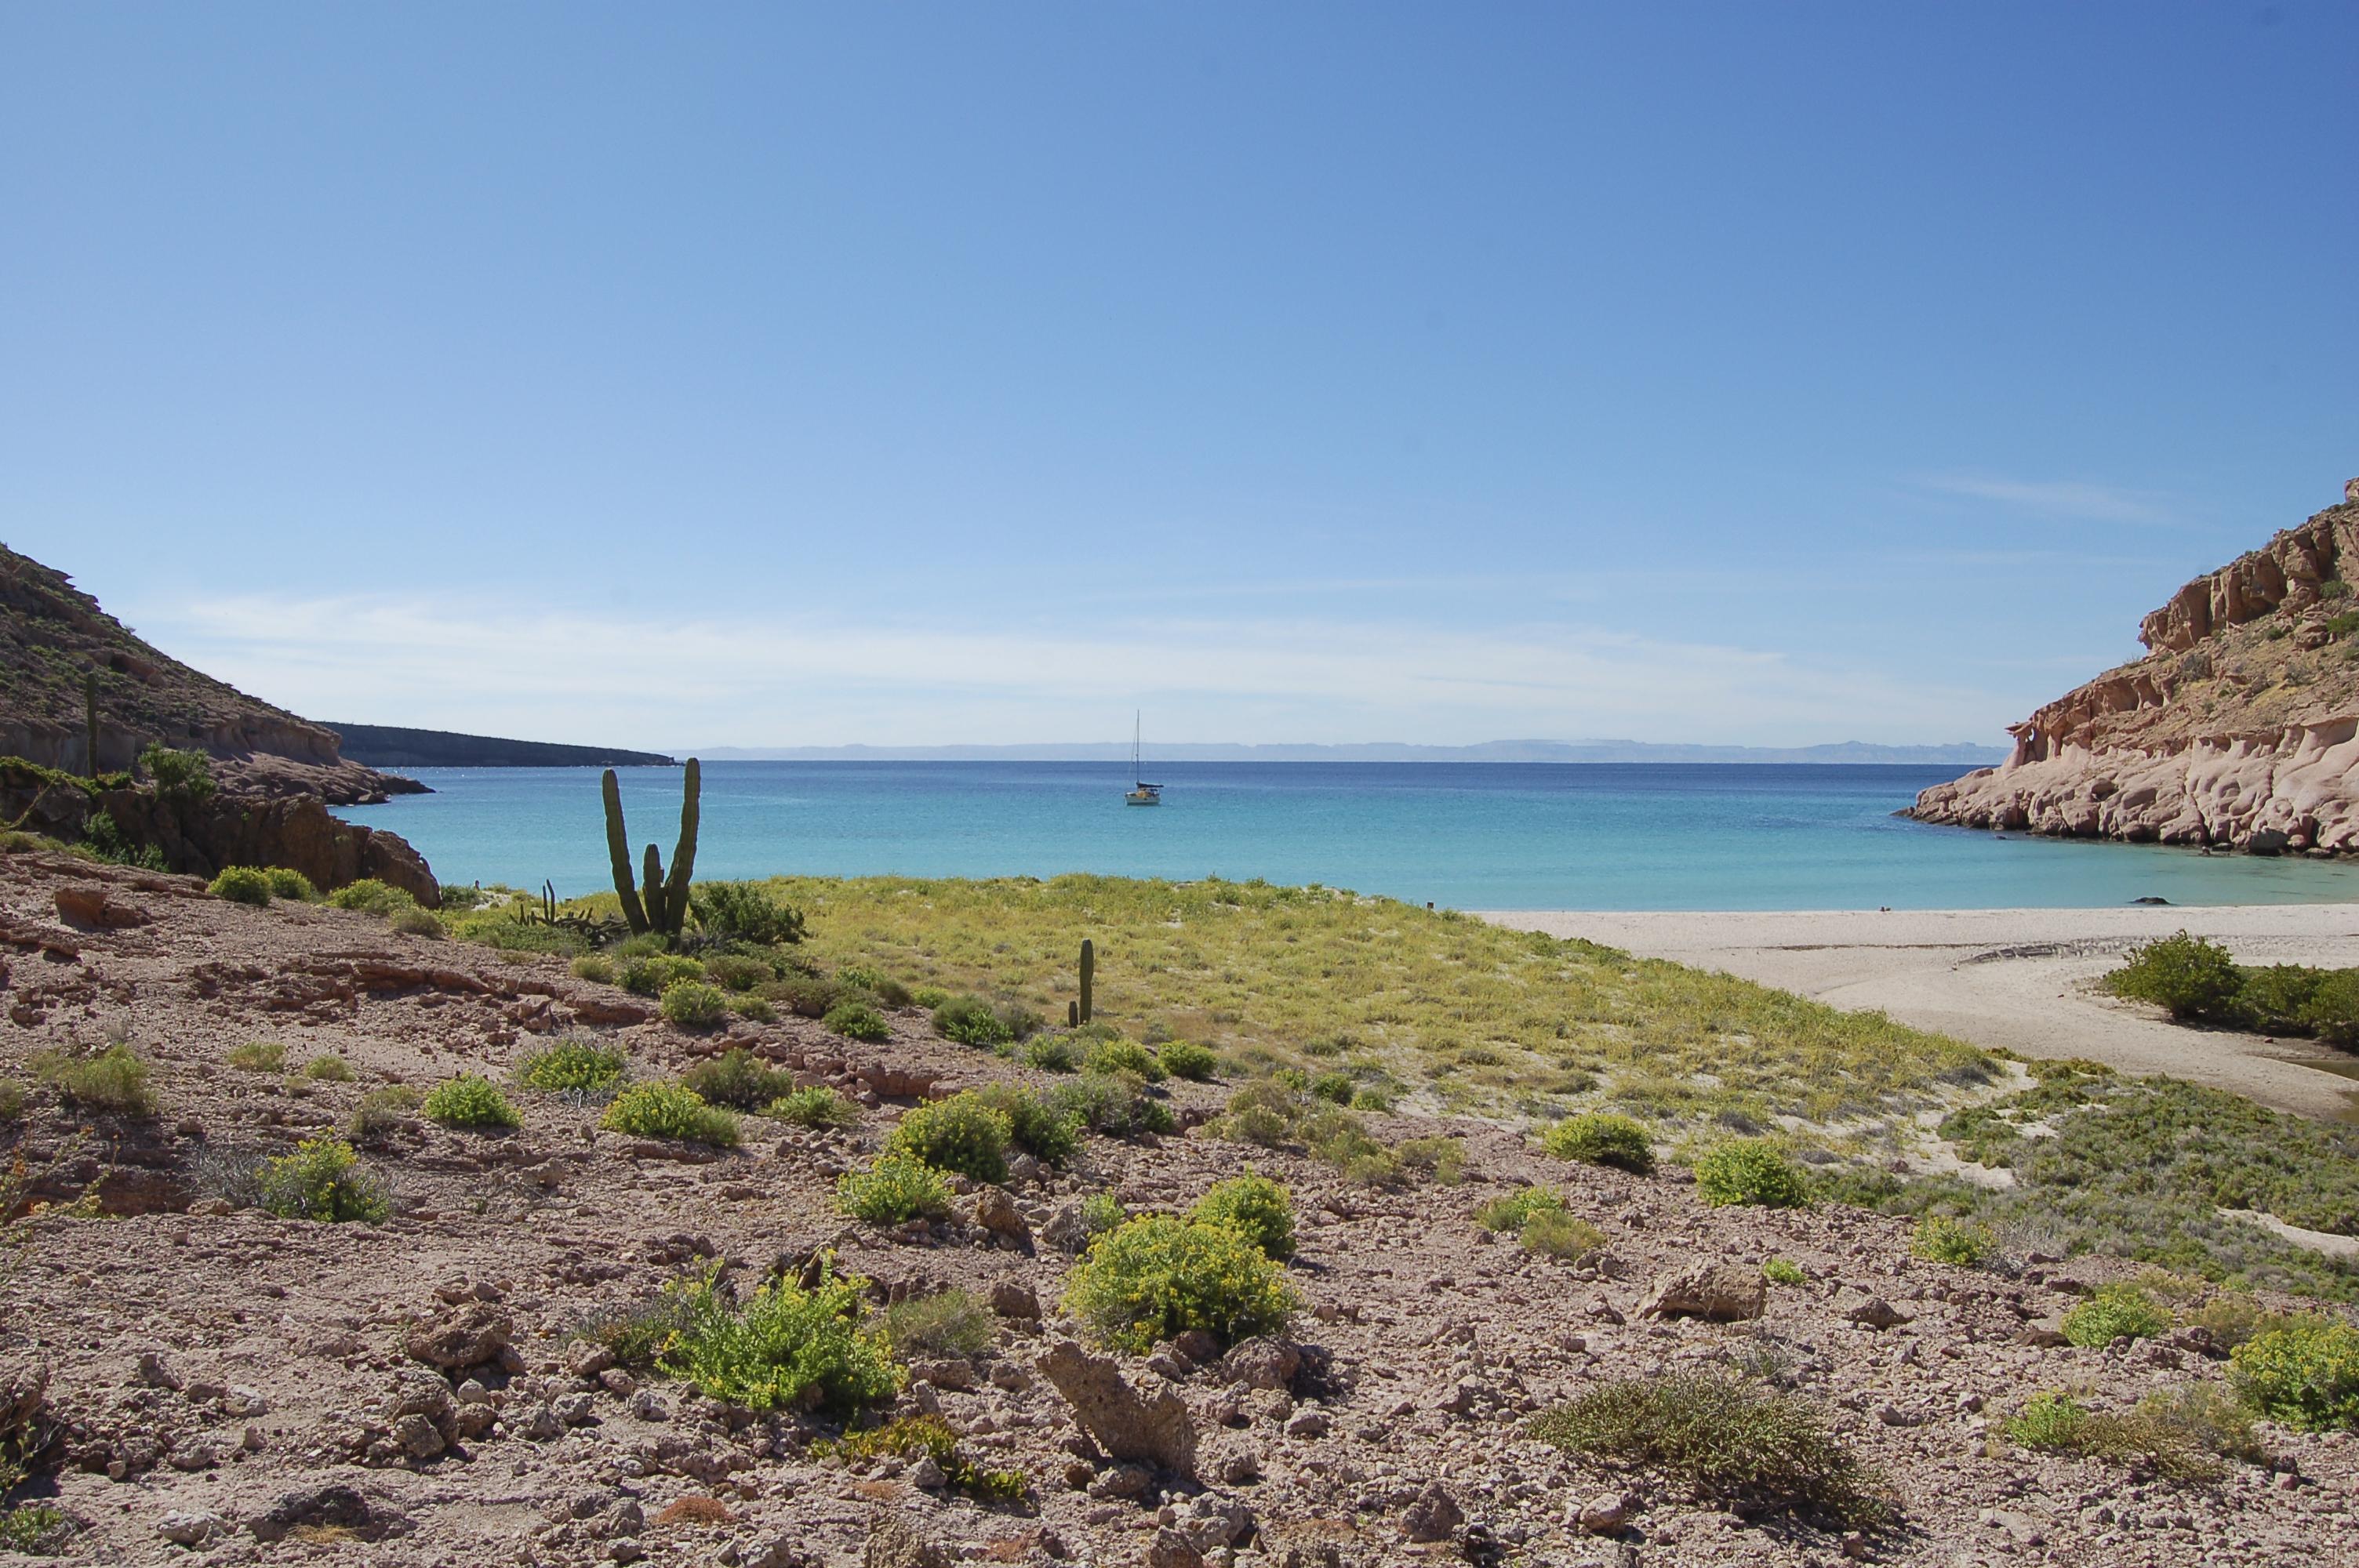 Bahia Ensenada Grande, Isla Partida, La Paz